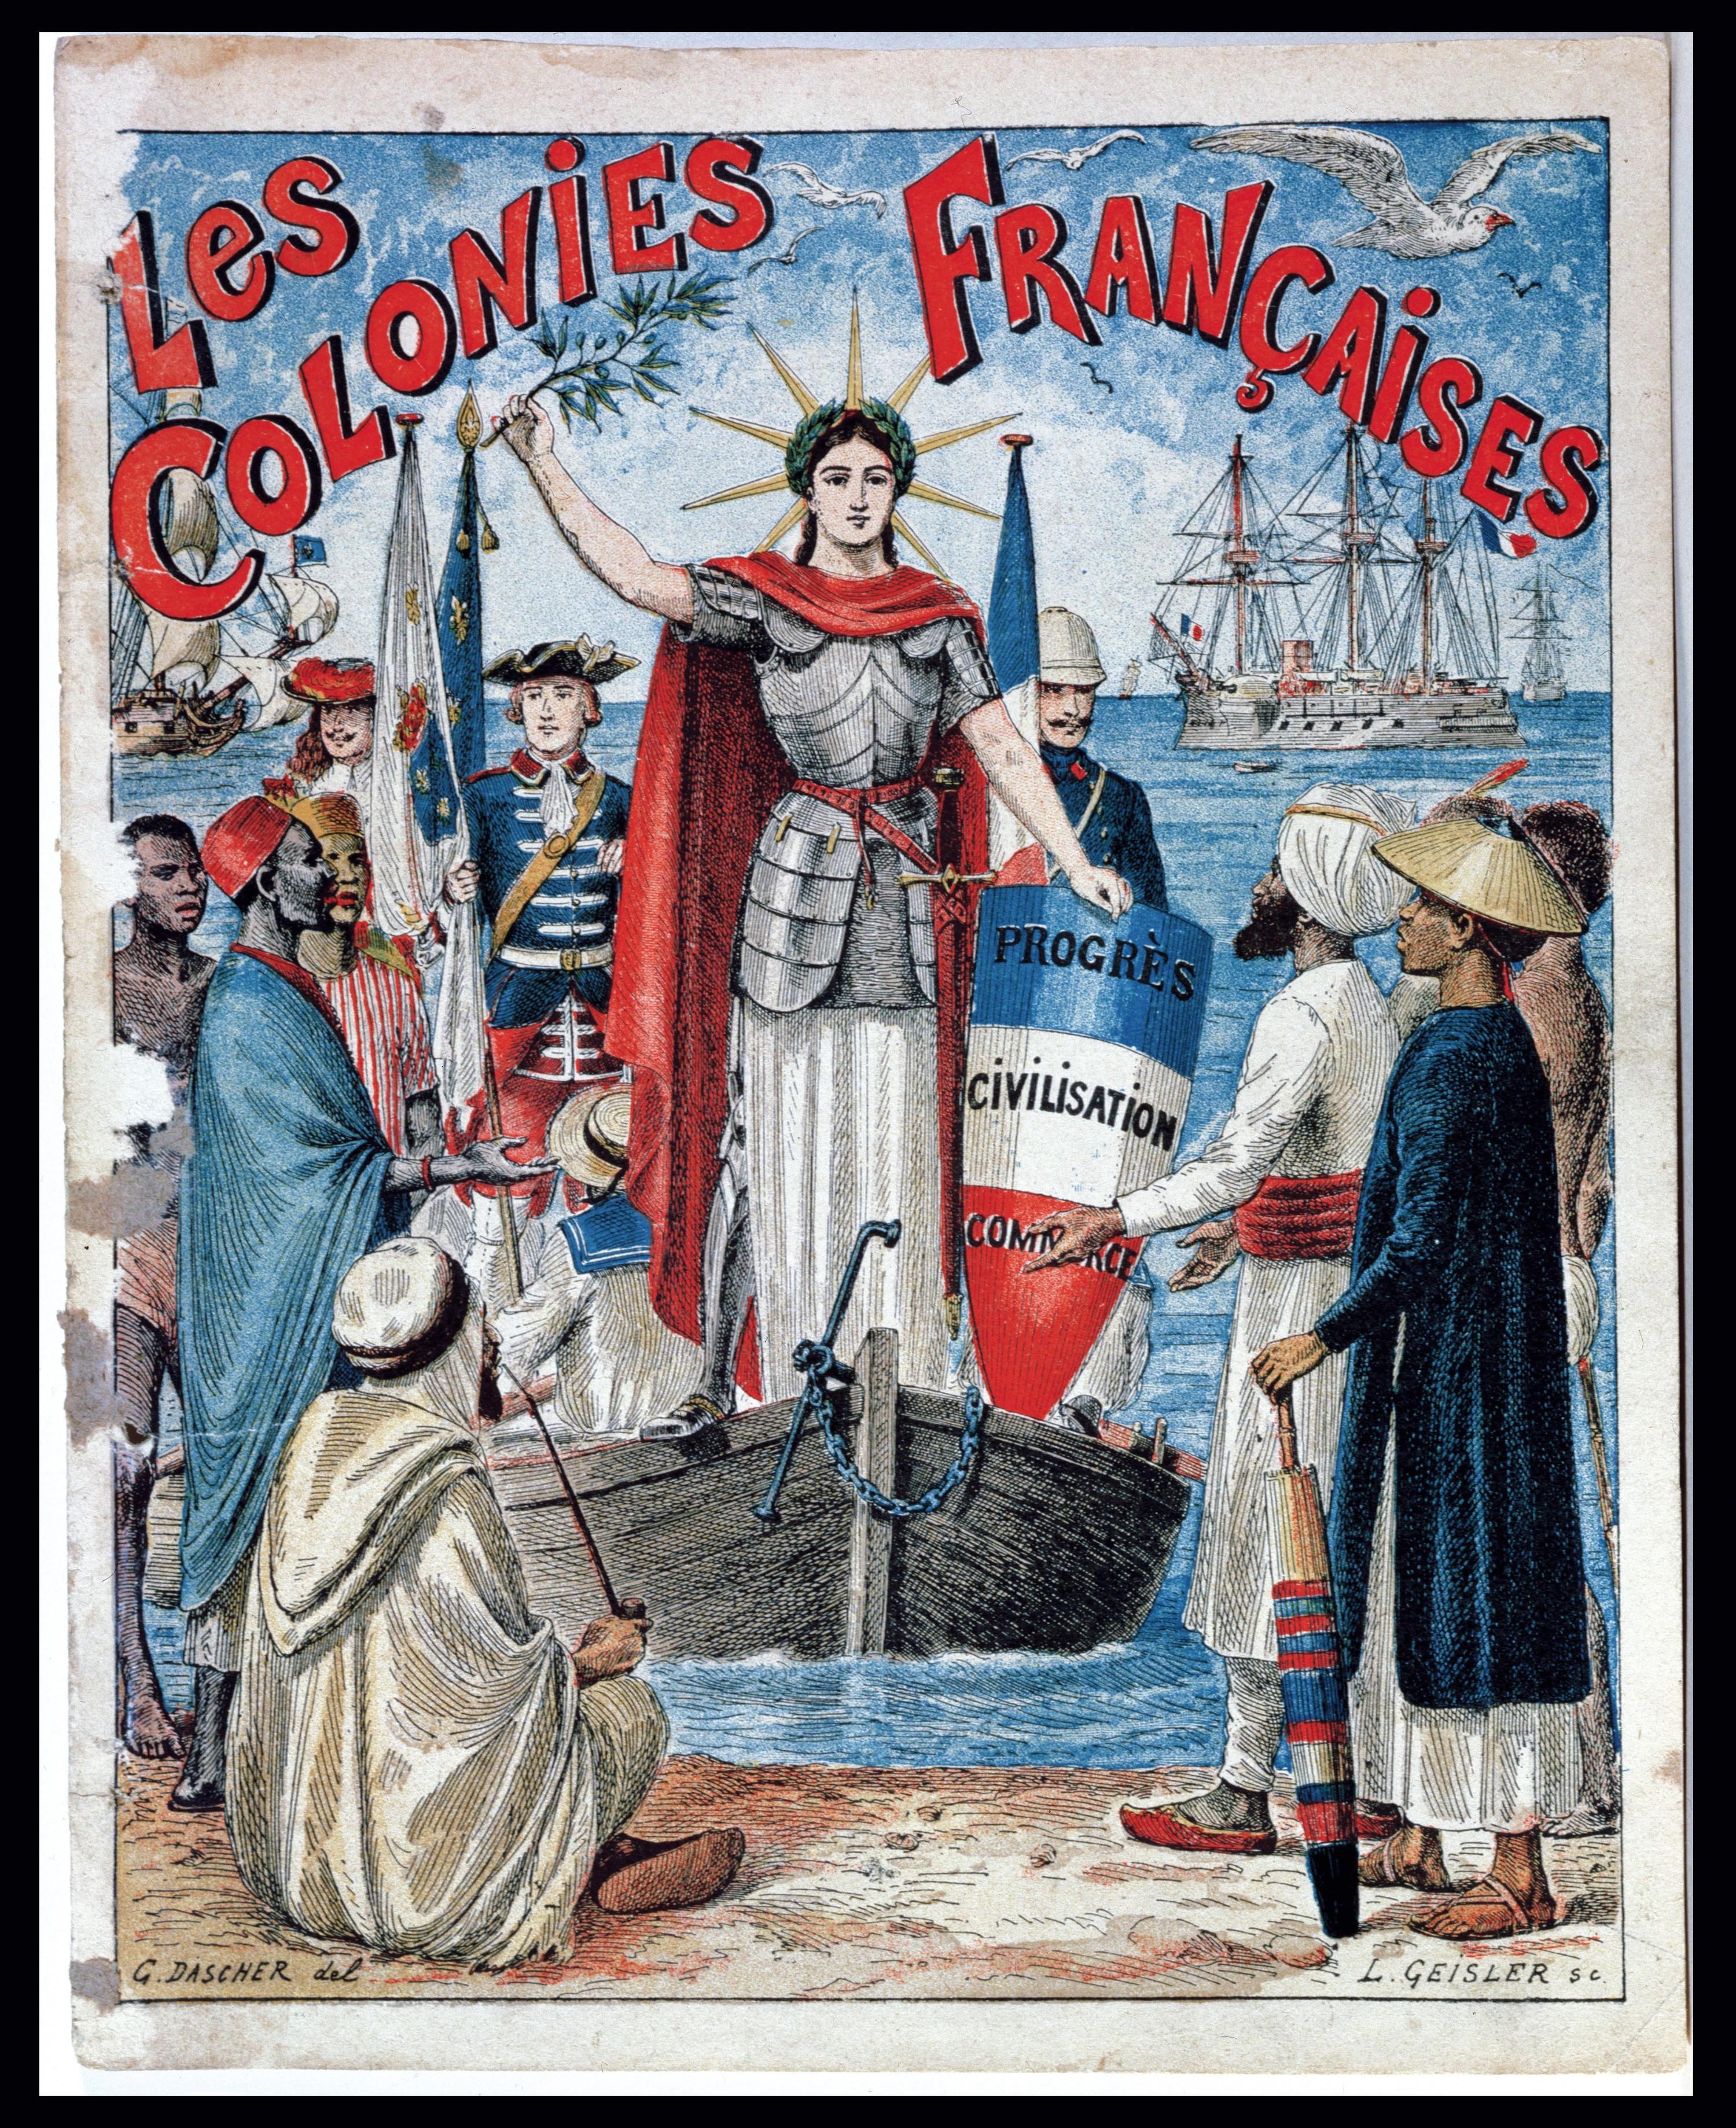 Une représentation symbolique de la colonisation française